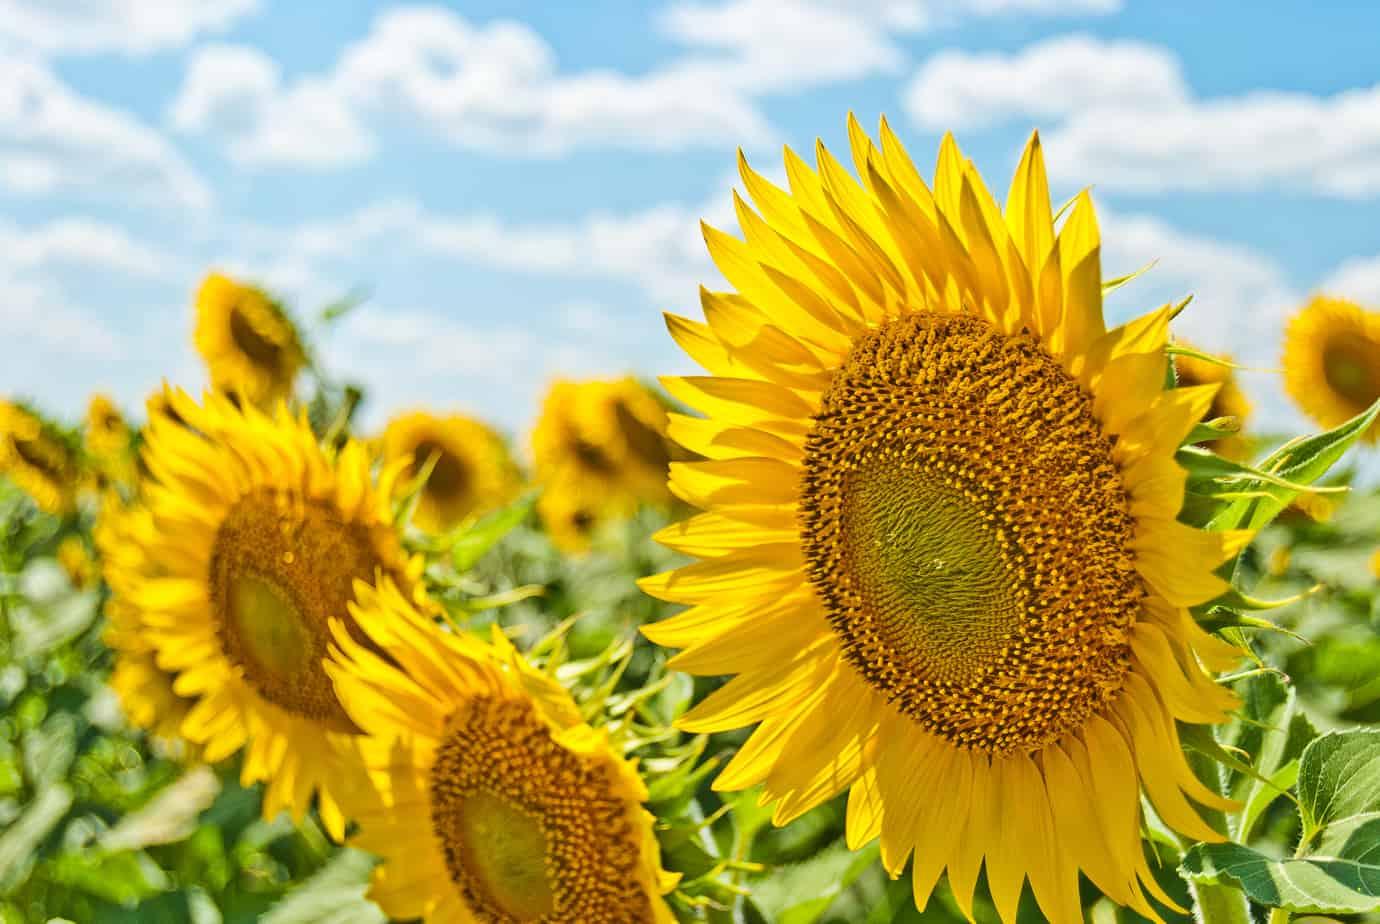 Impressie van de zomer met zonnebloemen